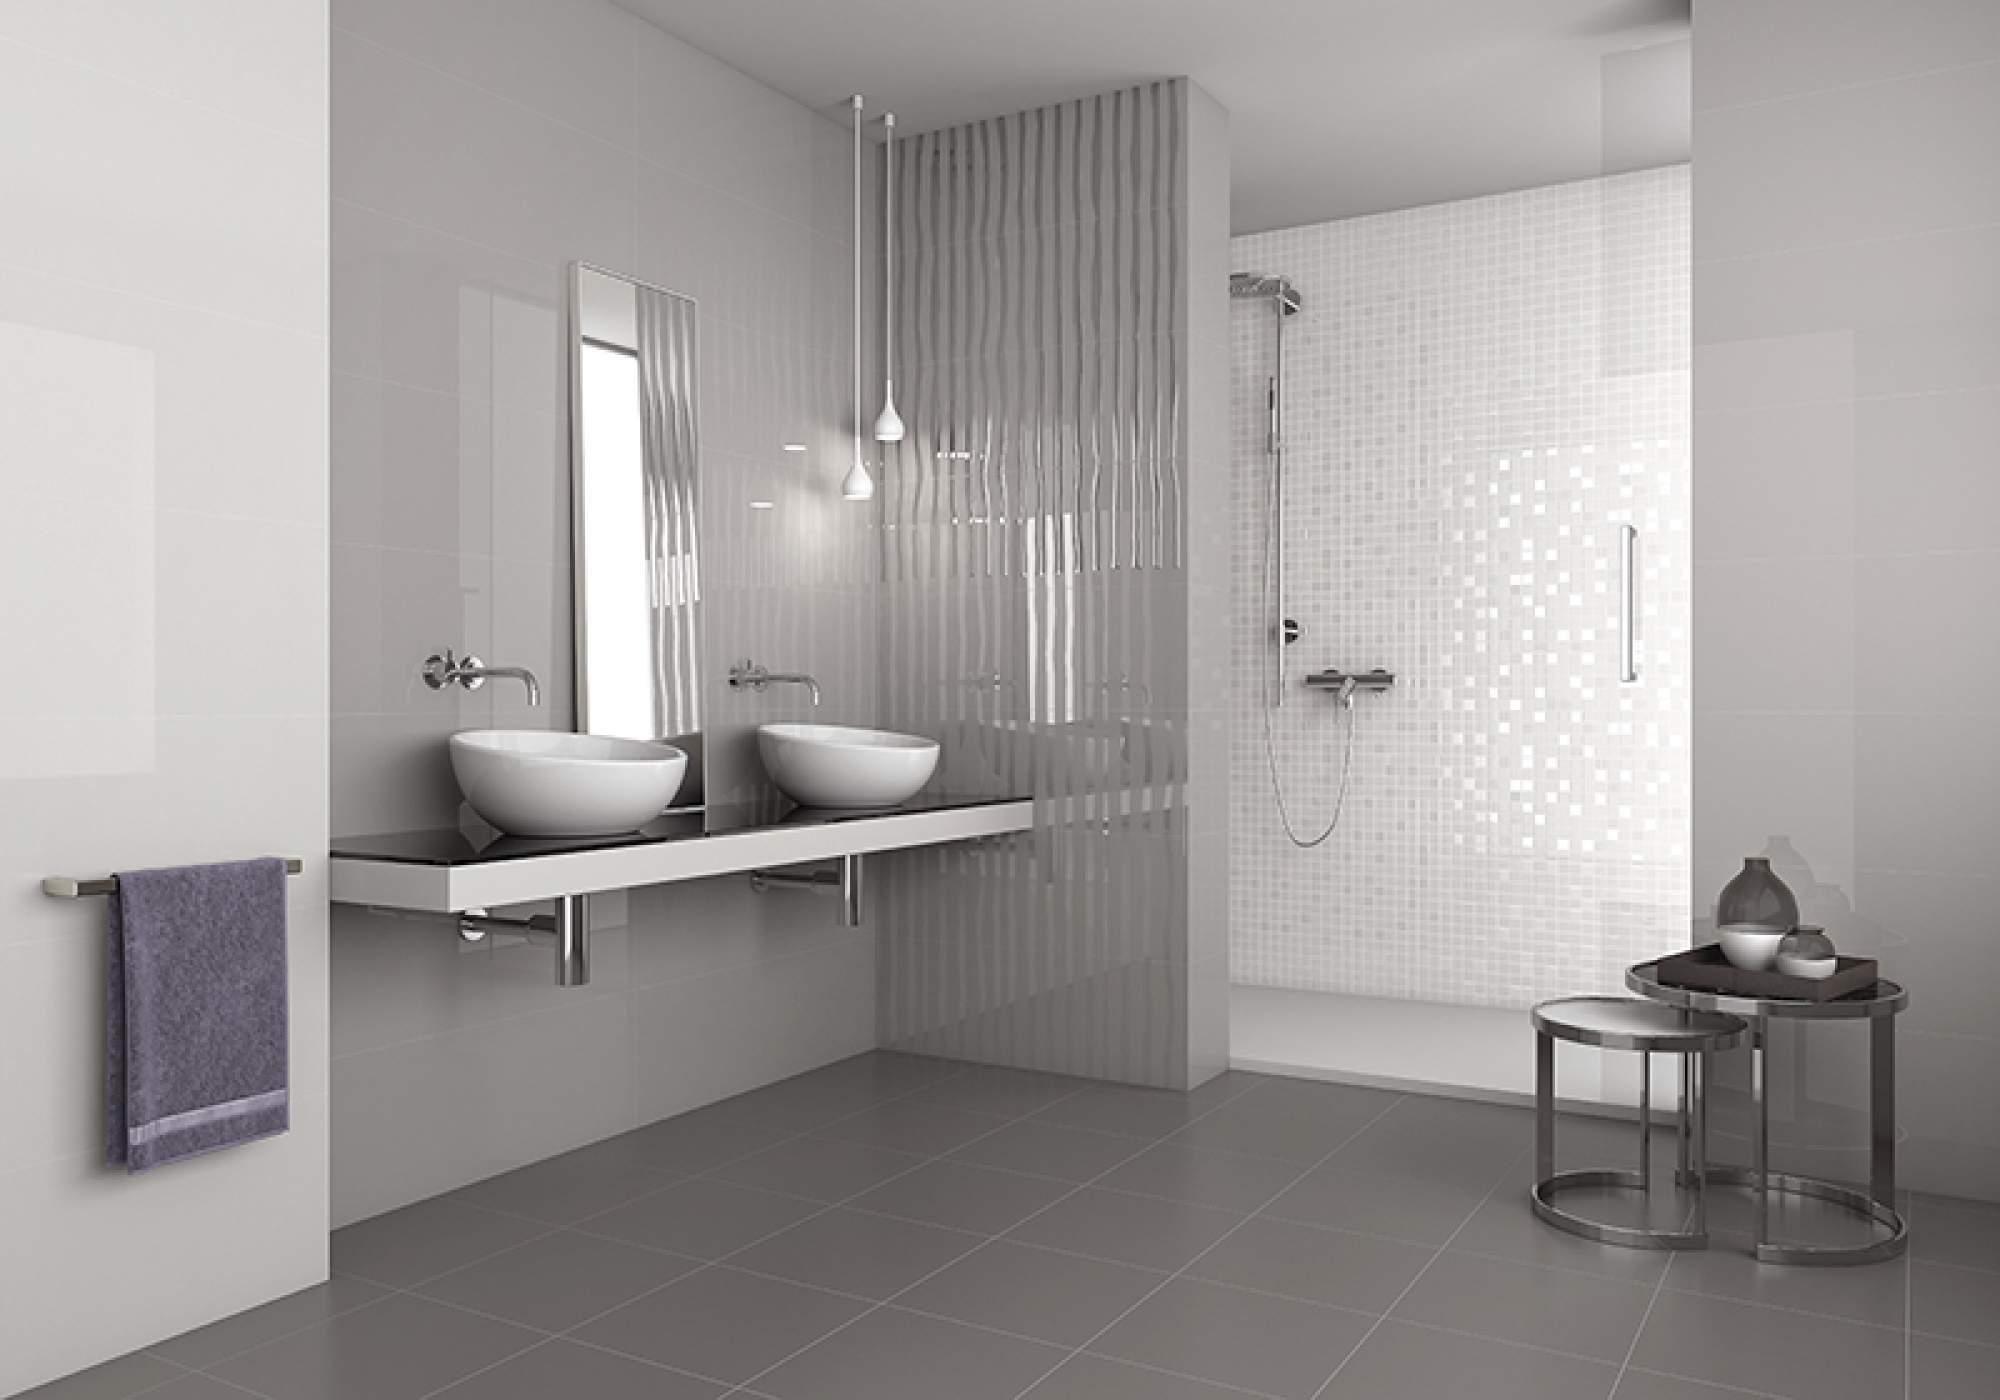 carrelage brillant salle de bain - atwebster.fr - maison et mobilier